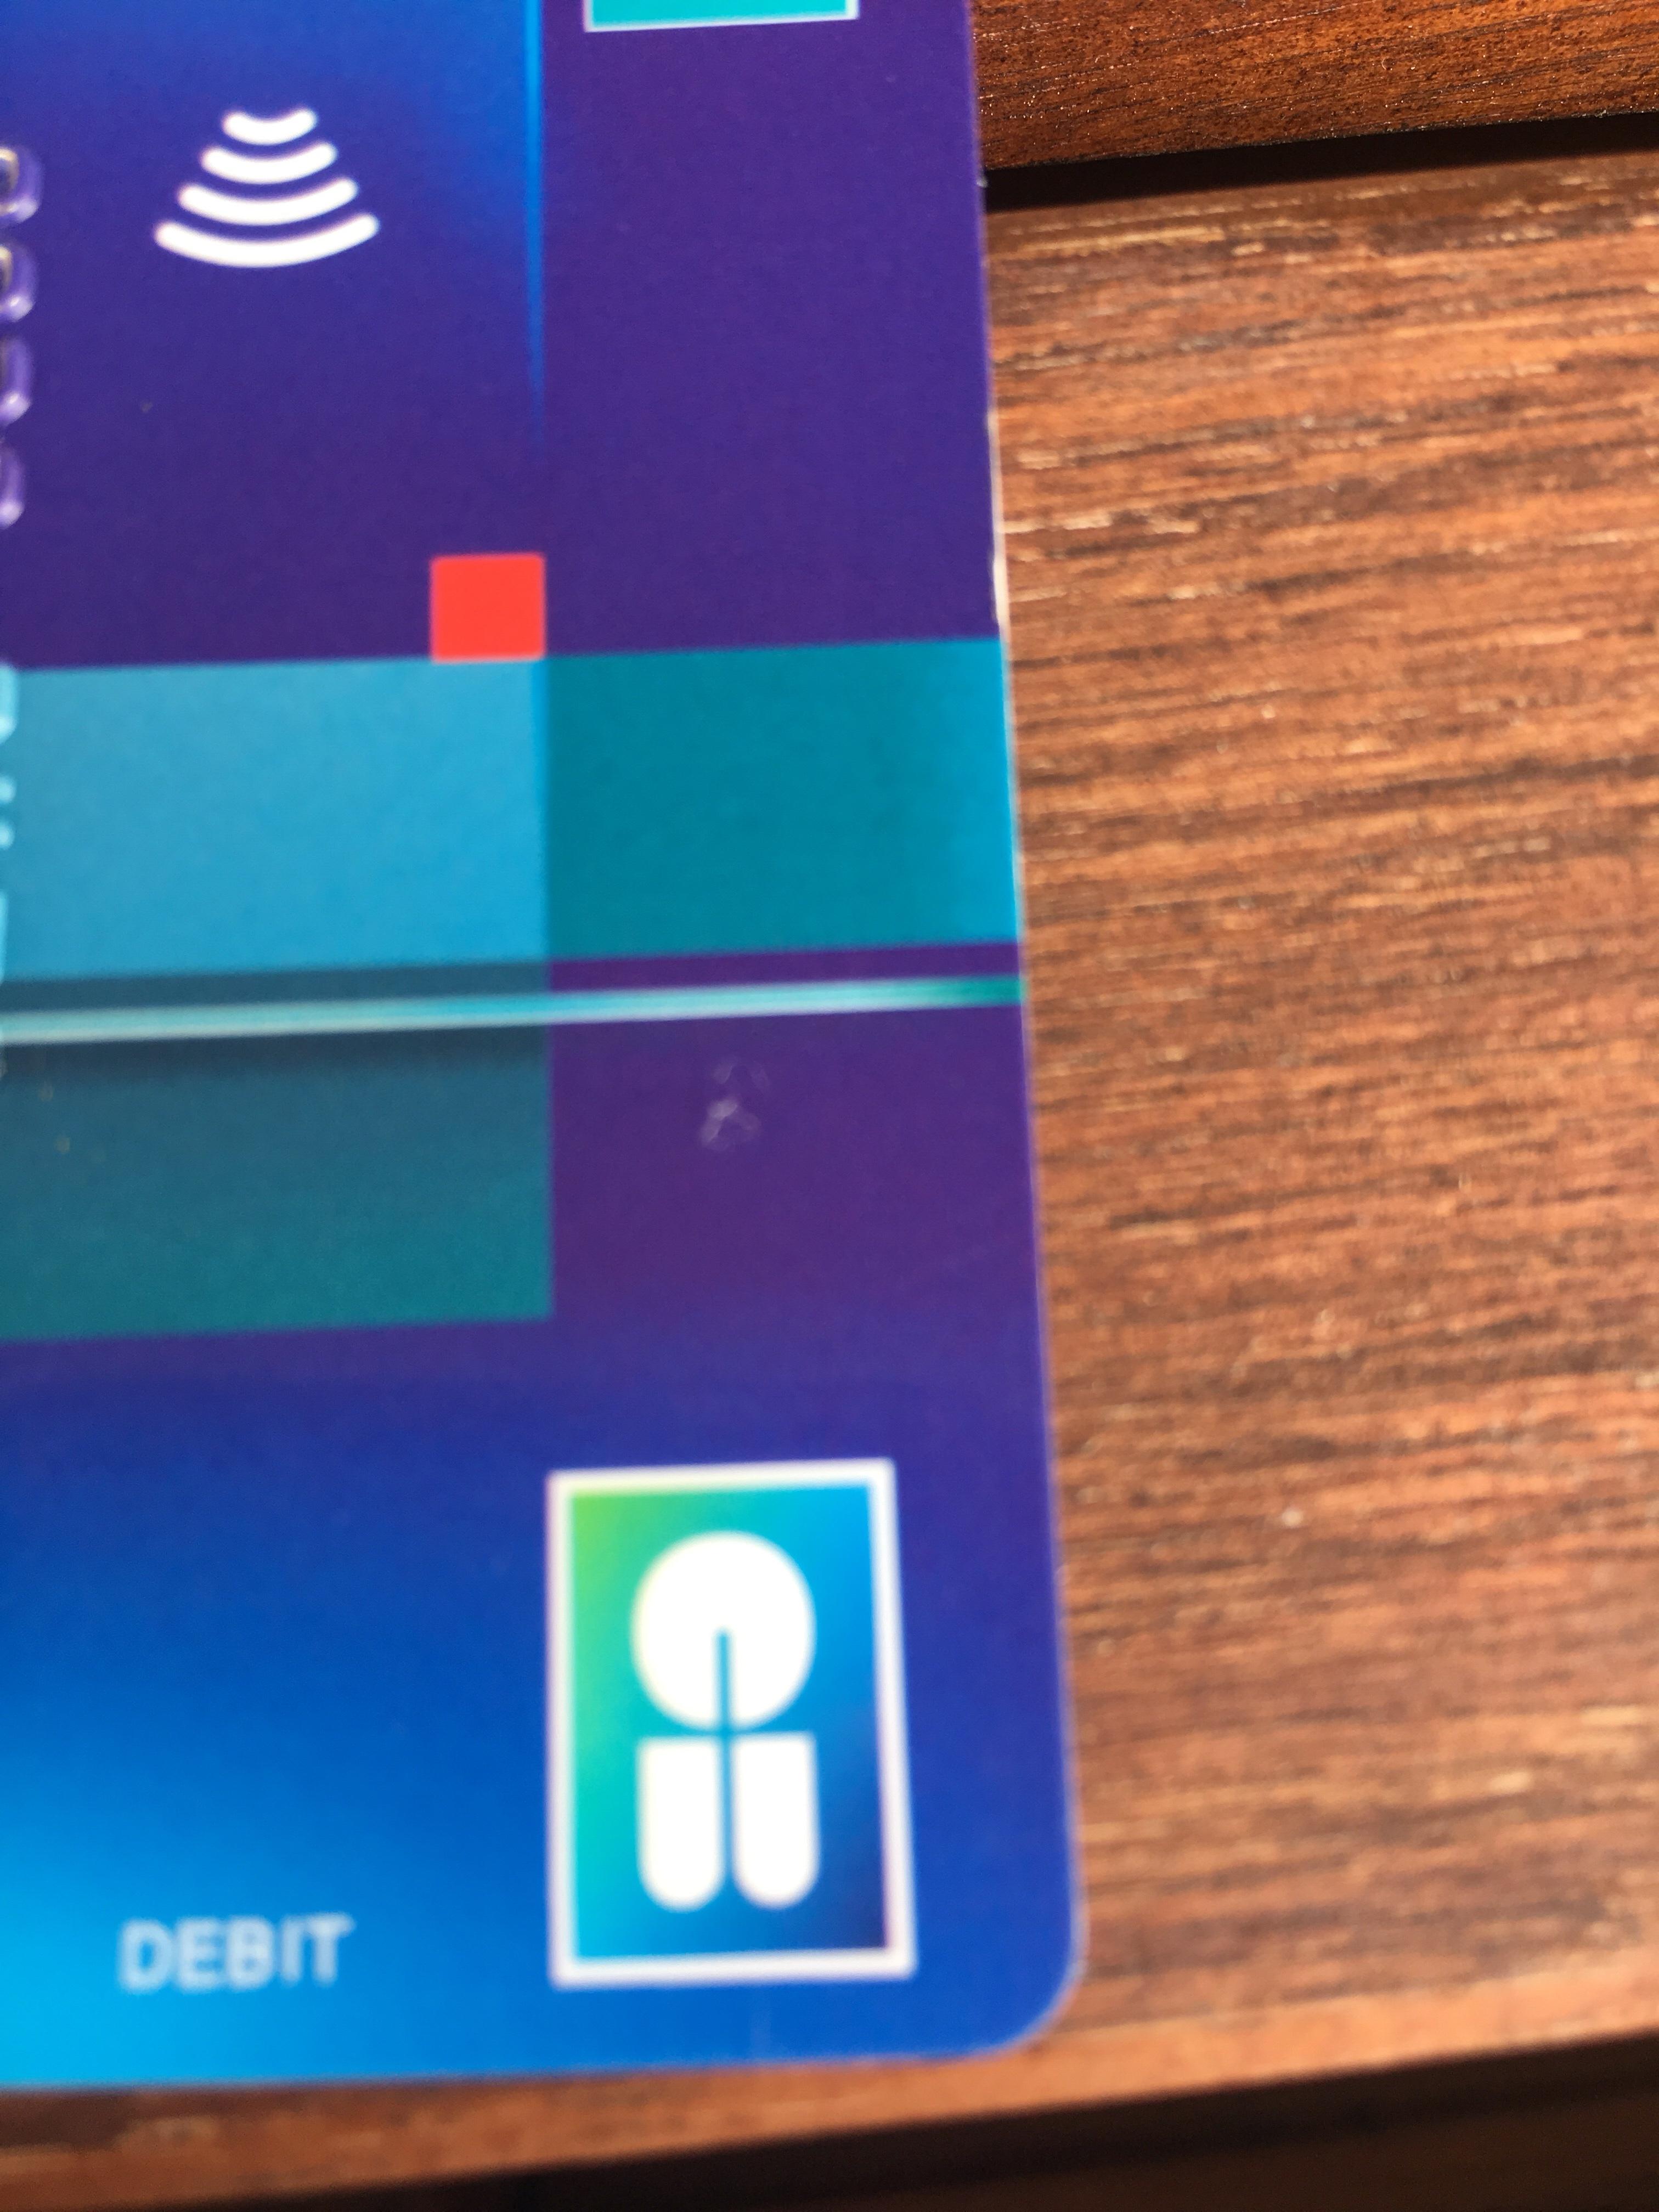 Carte de débit vs carte de crédit